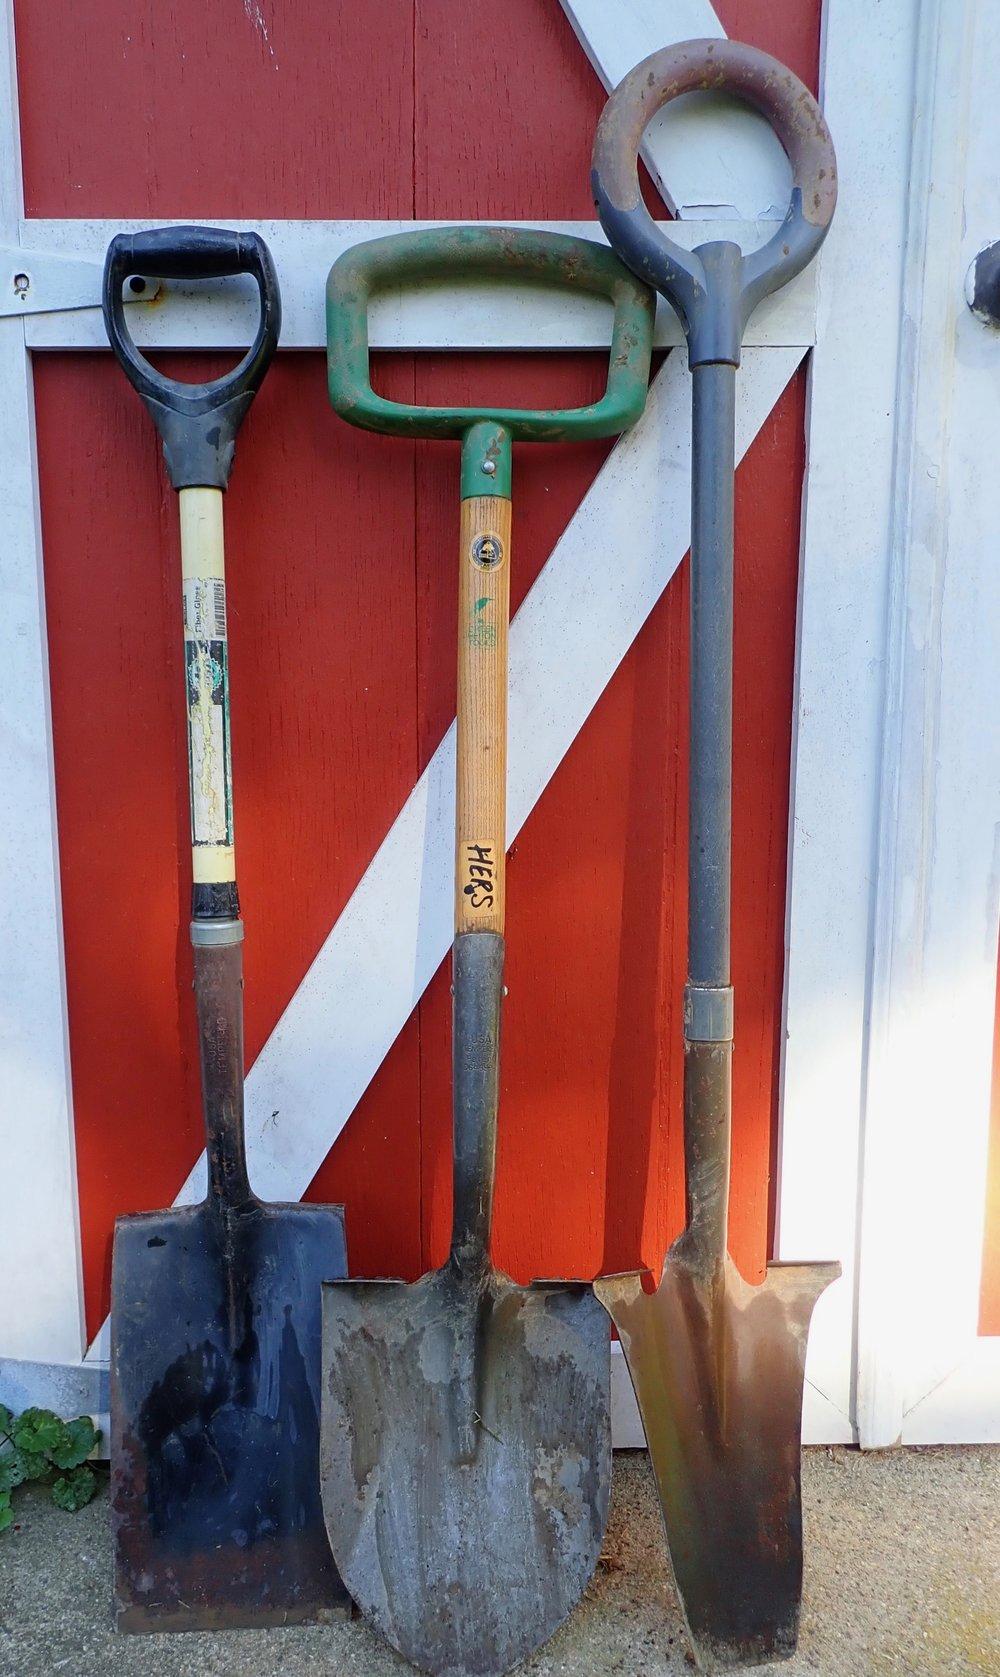 shovels and spades.jpg